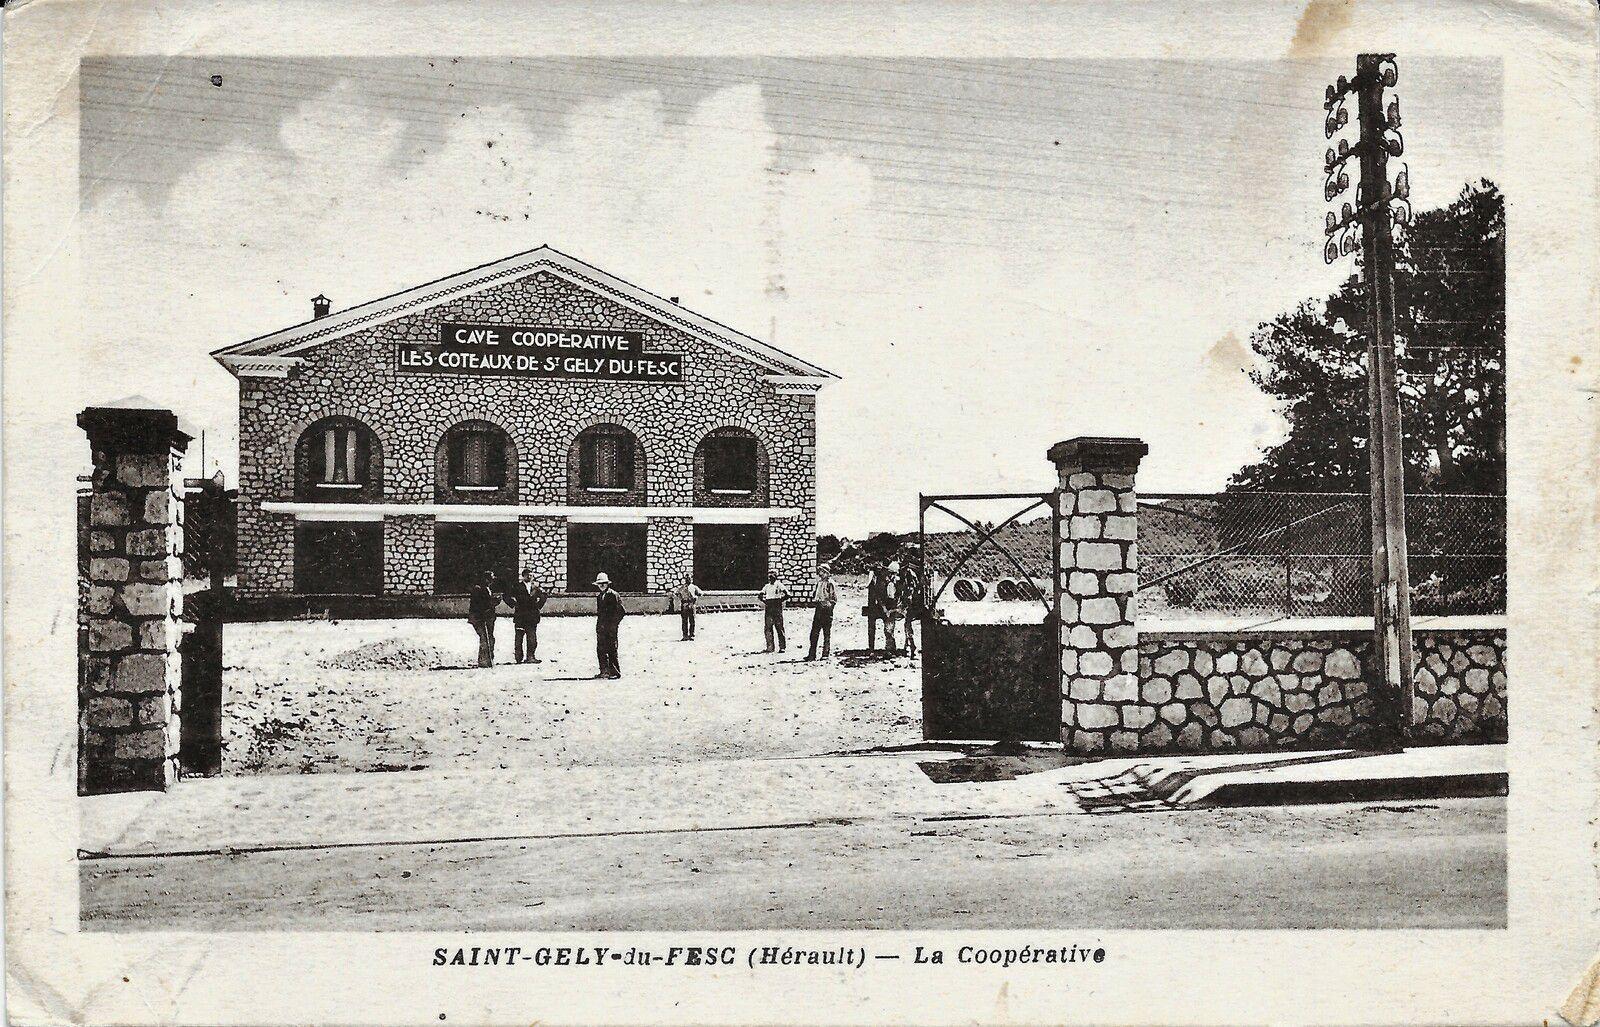 Cave coopérative de Saint-Gély-du-Fesc